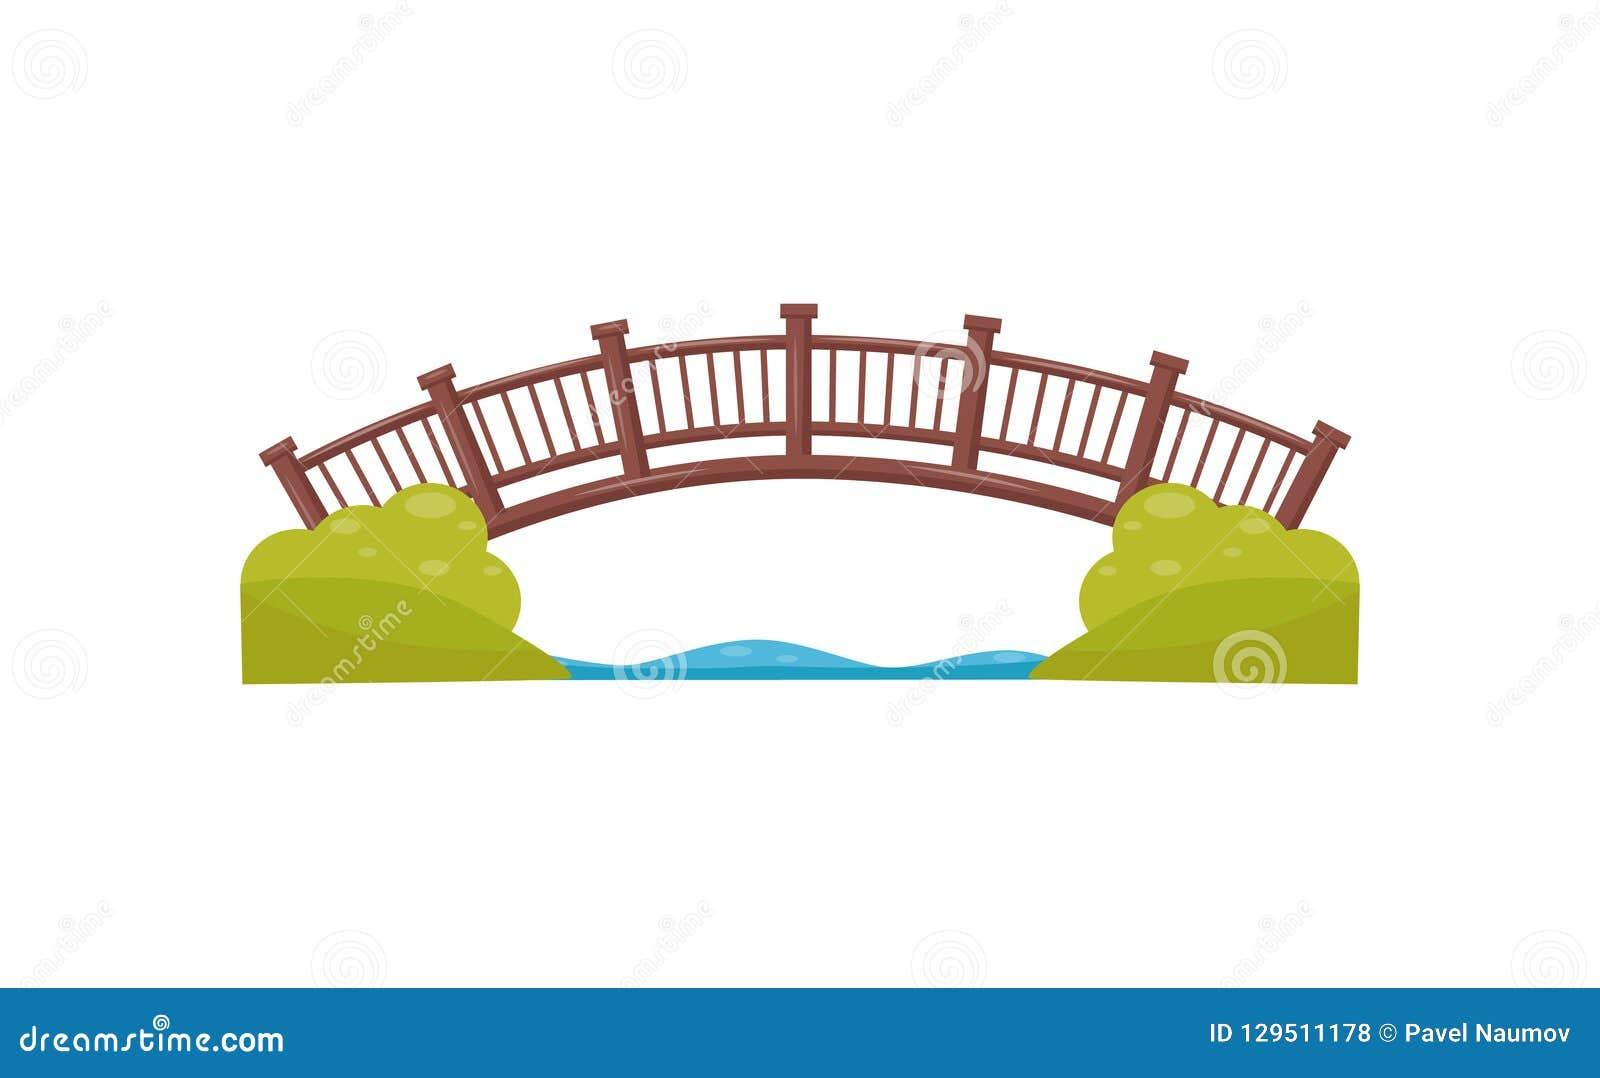 木曲拱的桥梁 横跨河的走道 人行桥由木头制成 城市公园地图的平的传染媒介元素